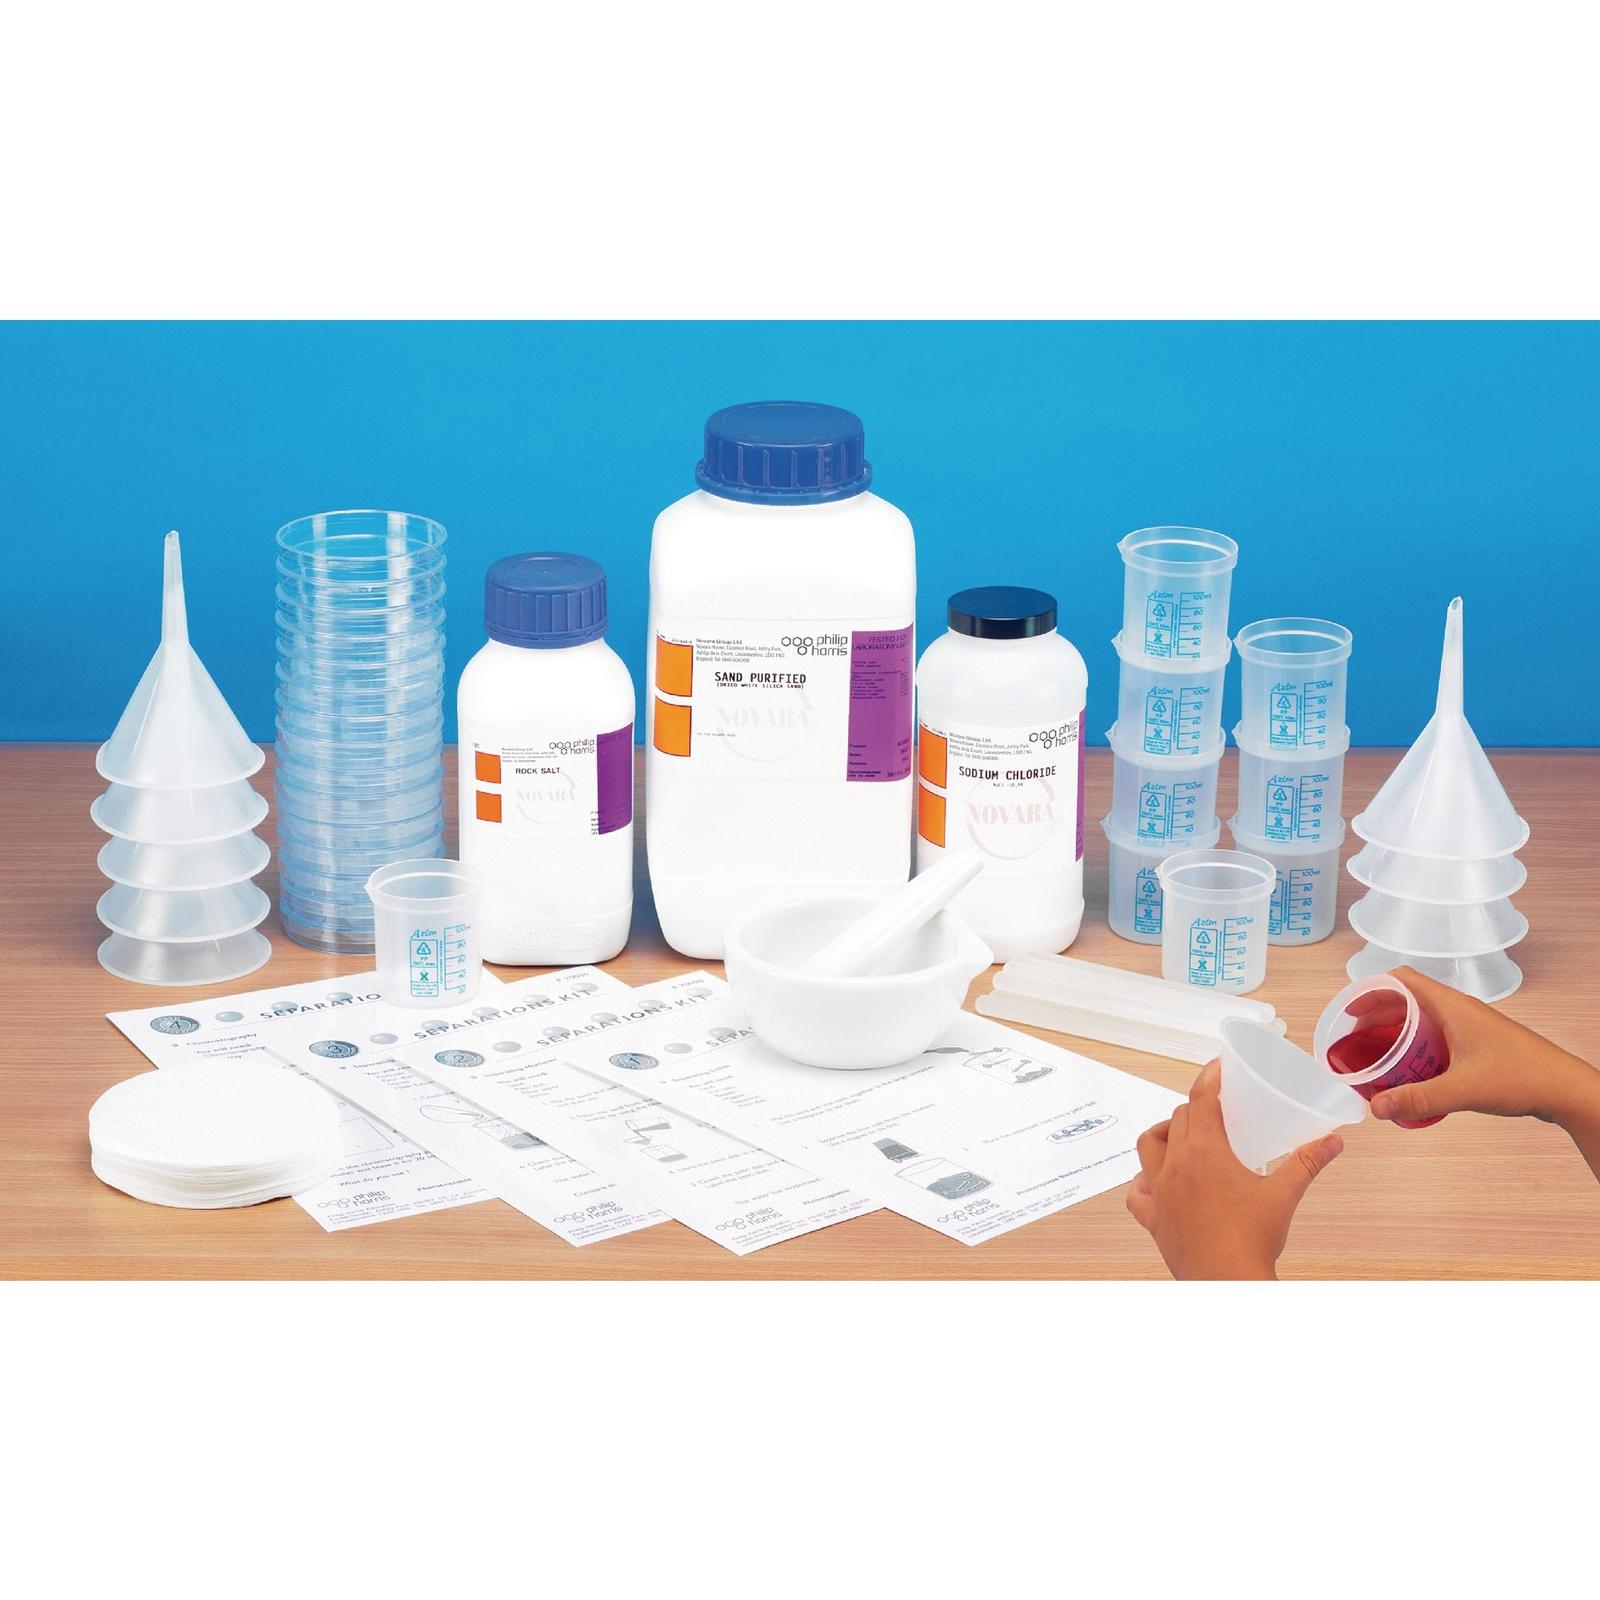 Separating Materials Kit